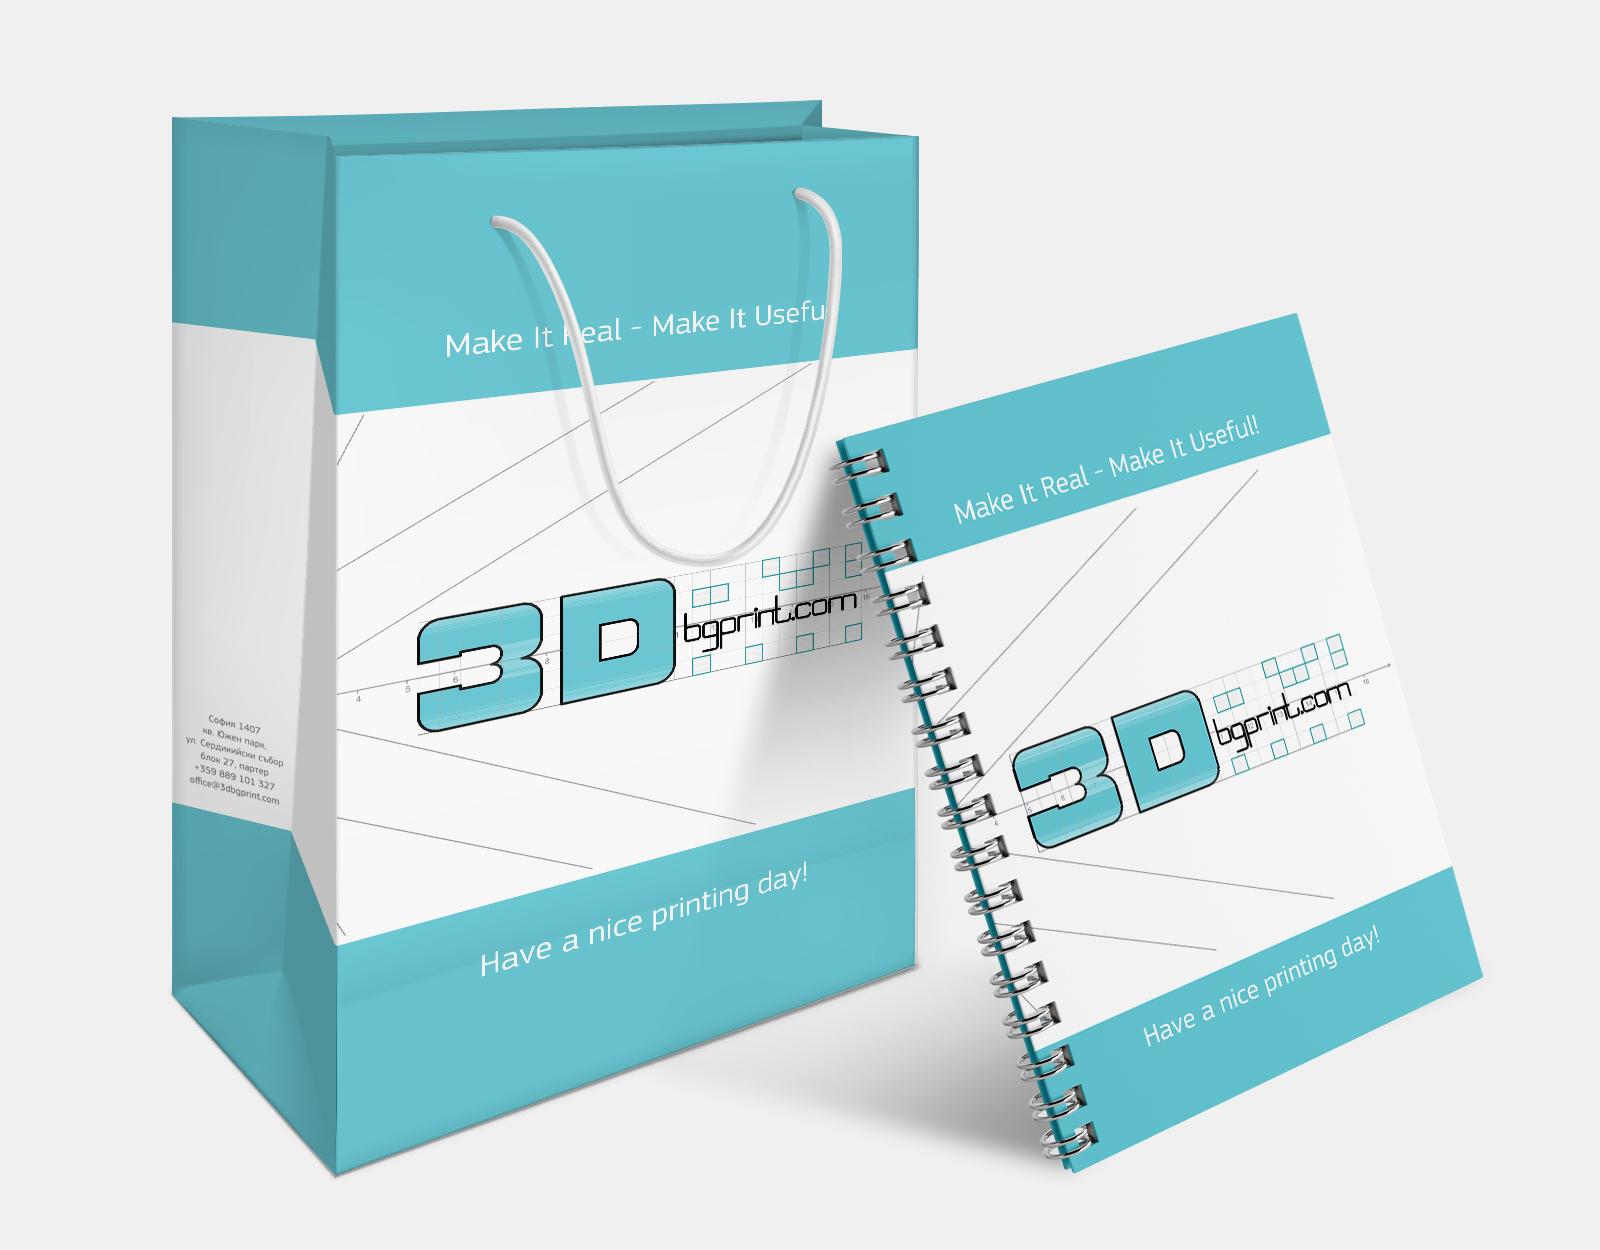 Рекламни материали/ 3Dbgprint